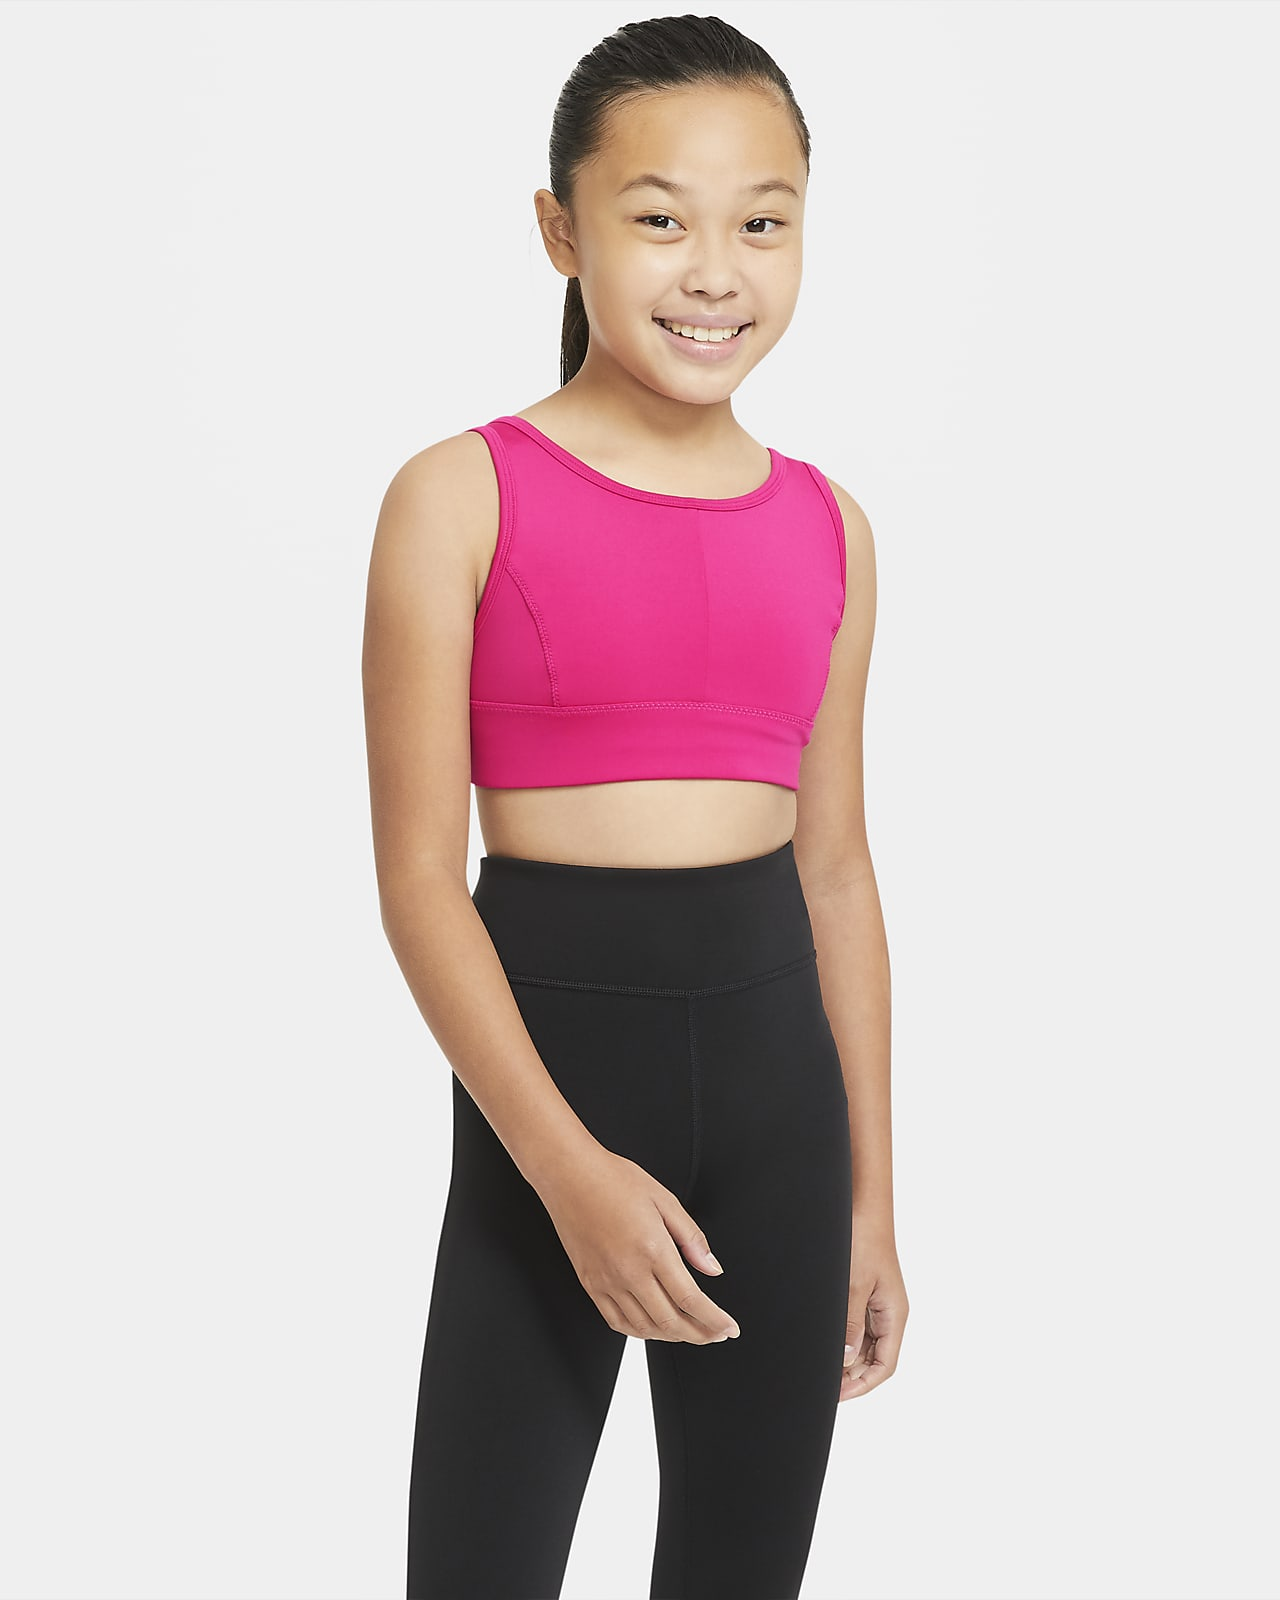 Αθλητικός στηθόδεσμος σε μακριά γραμμή Nike Swoosh Luxe για μεγάλα κορίτσια